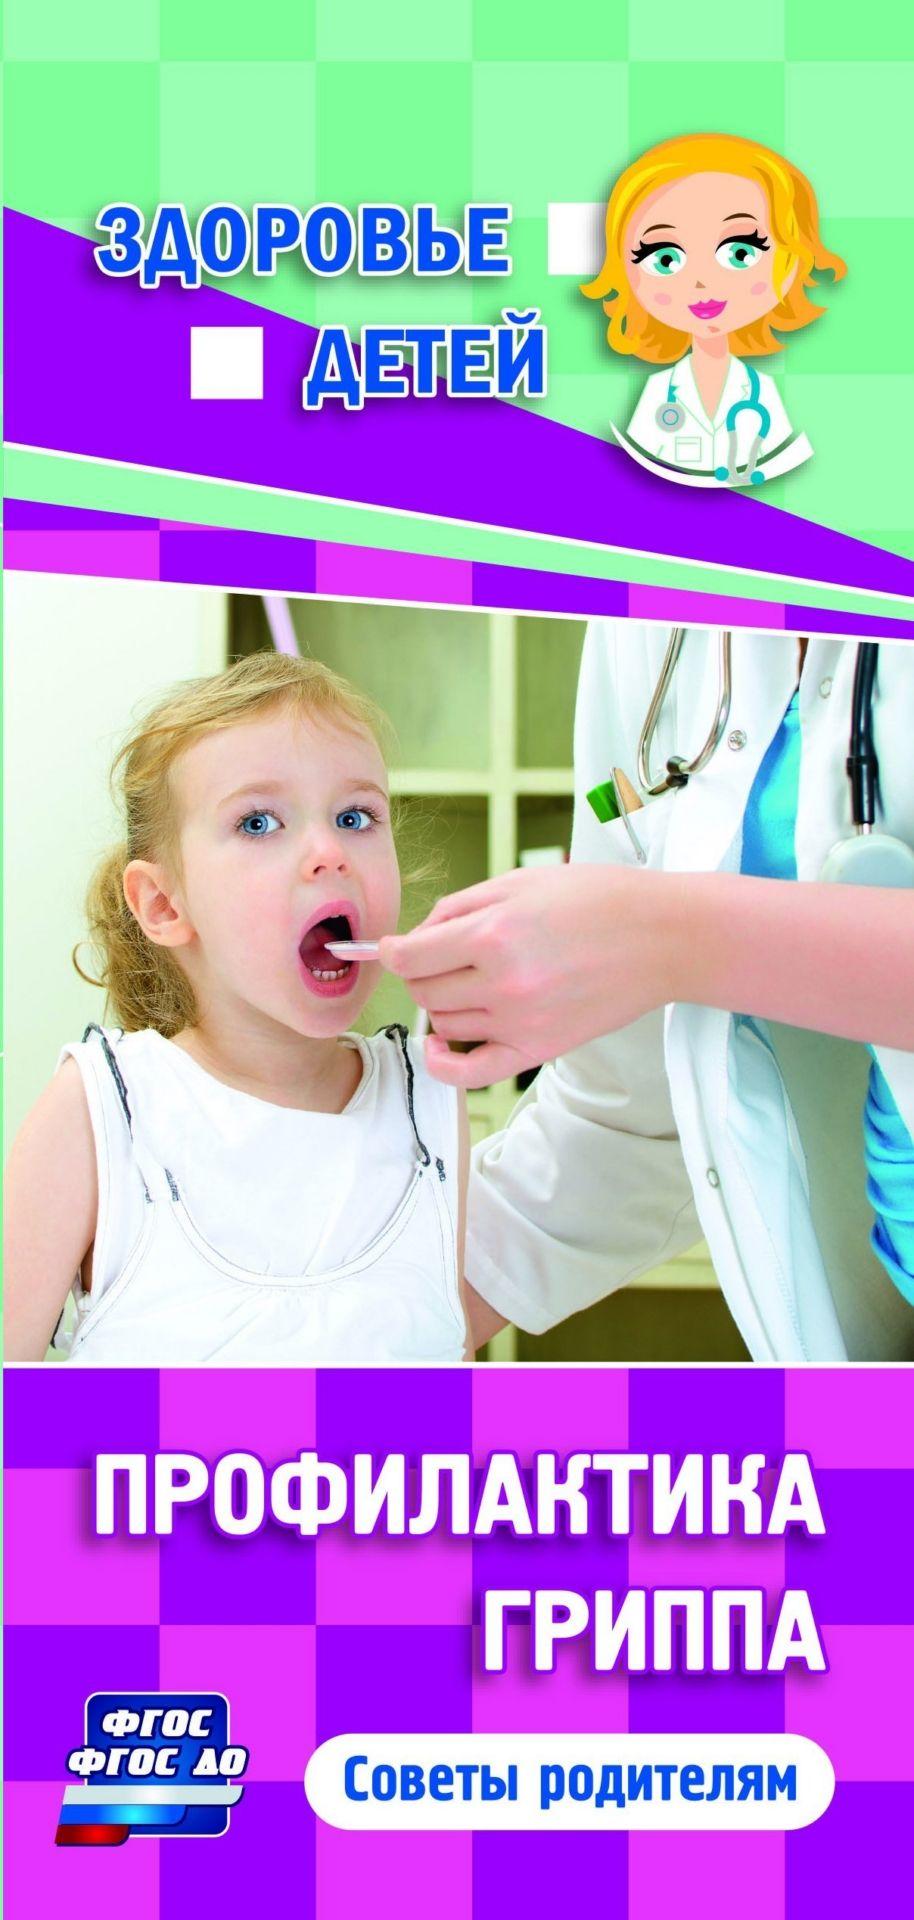 Памятка Здоровье детей. Профилактика гриппа: советы родителям (бумага офсетная 80 г)Воспитательная литература<br>.<br><br>Год: 2017